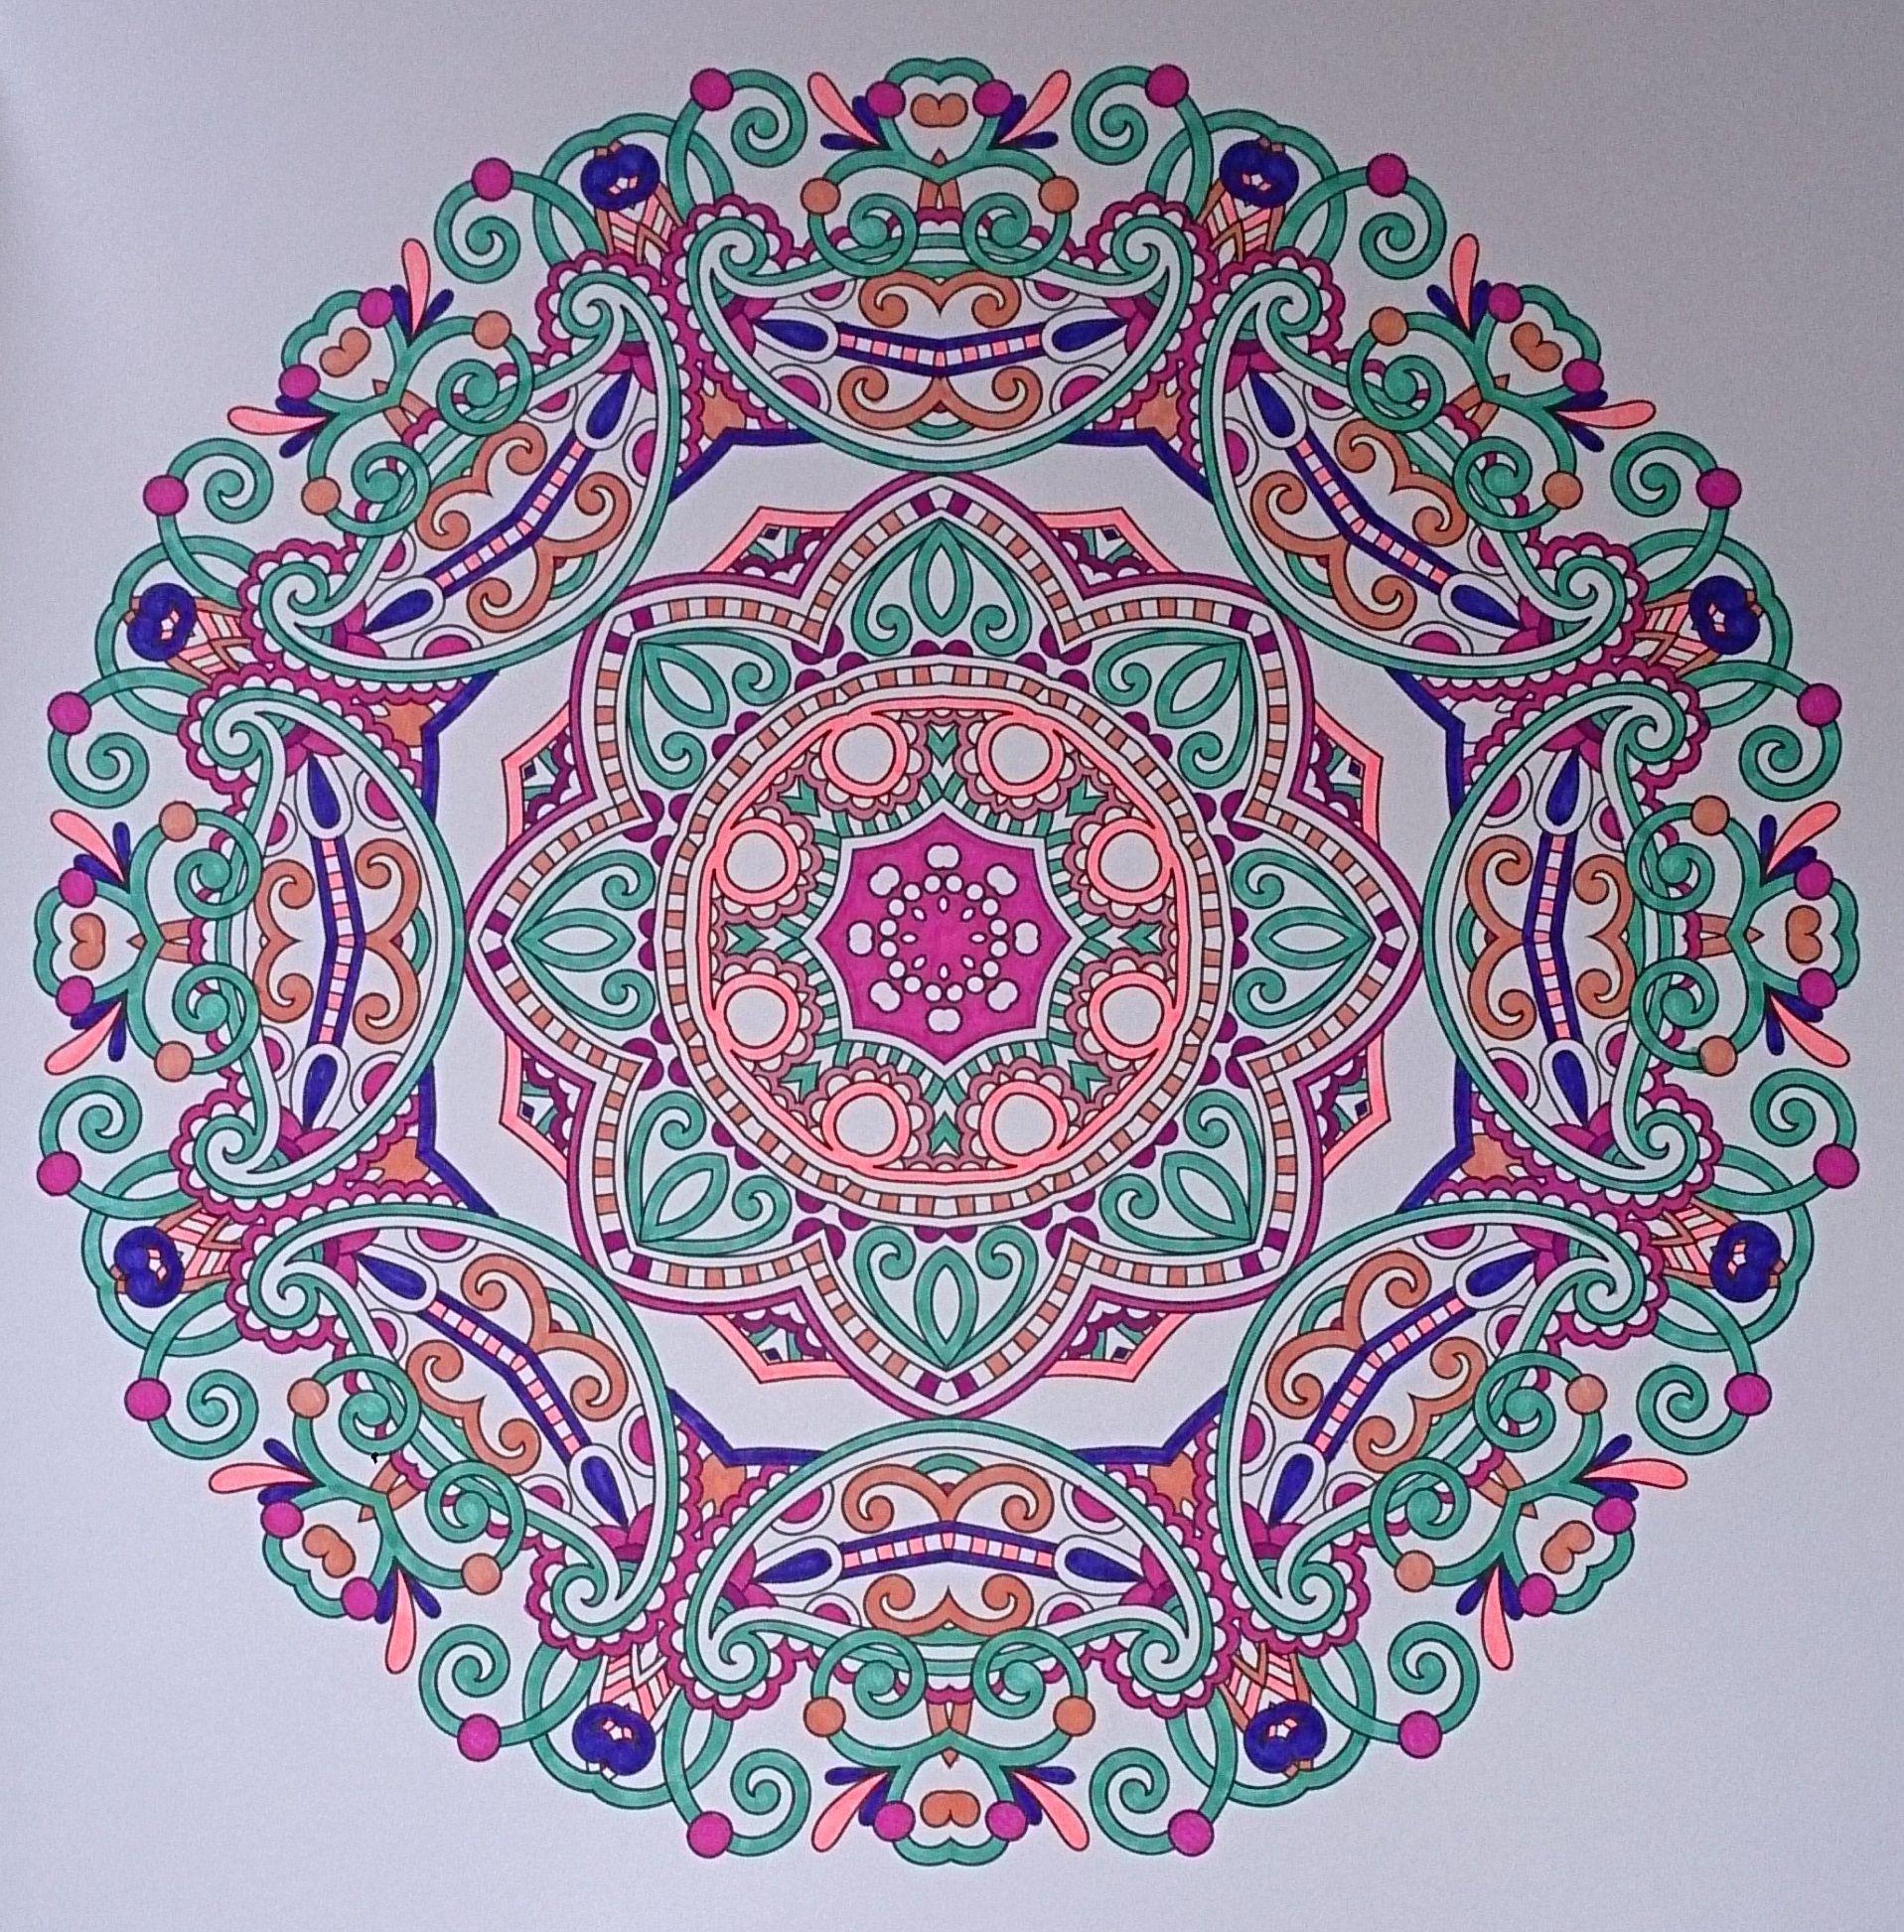 Ingekleurd Met Stabilo 68 Uit Het Enige Echte Mandala Kleurboek Mandala Kleurplaten Kleurboek Mandala